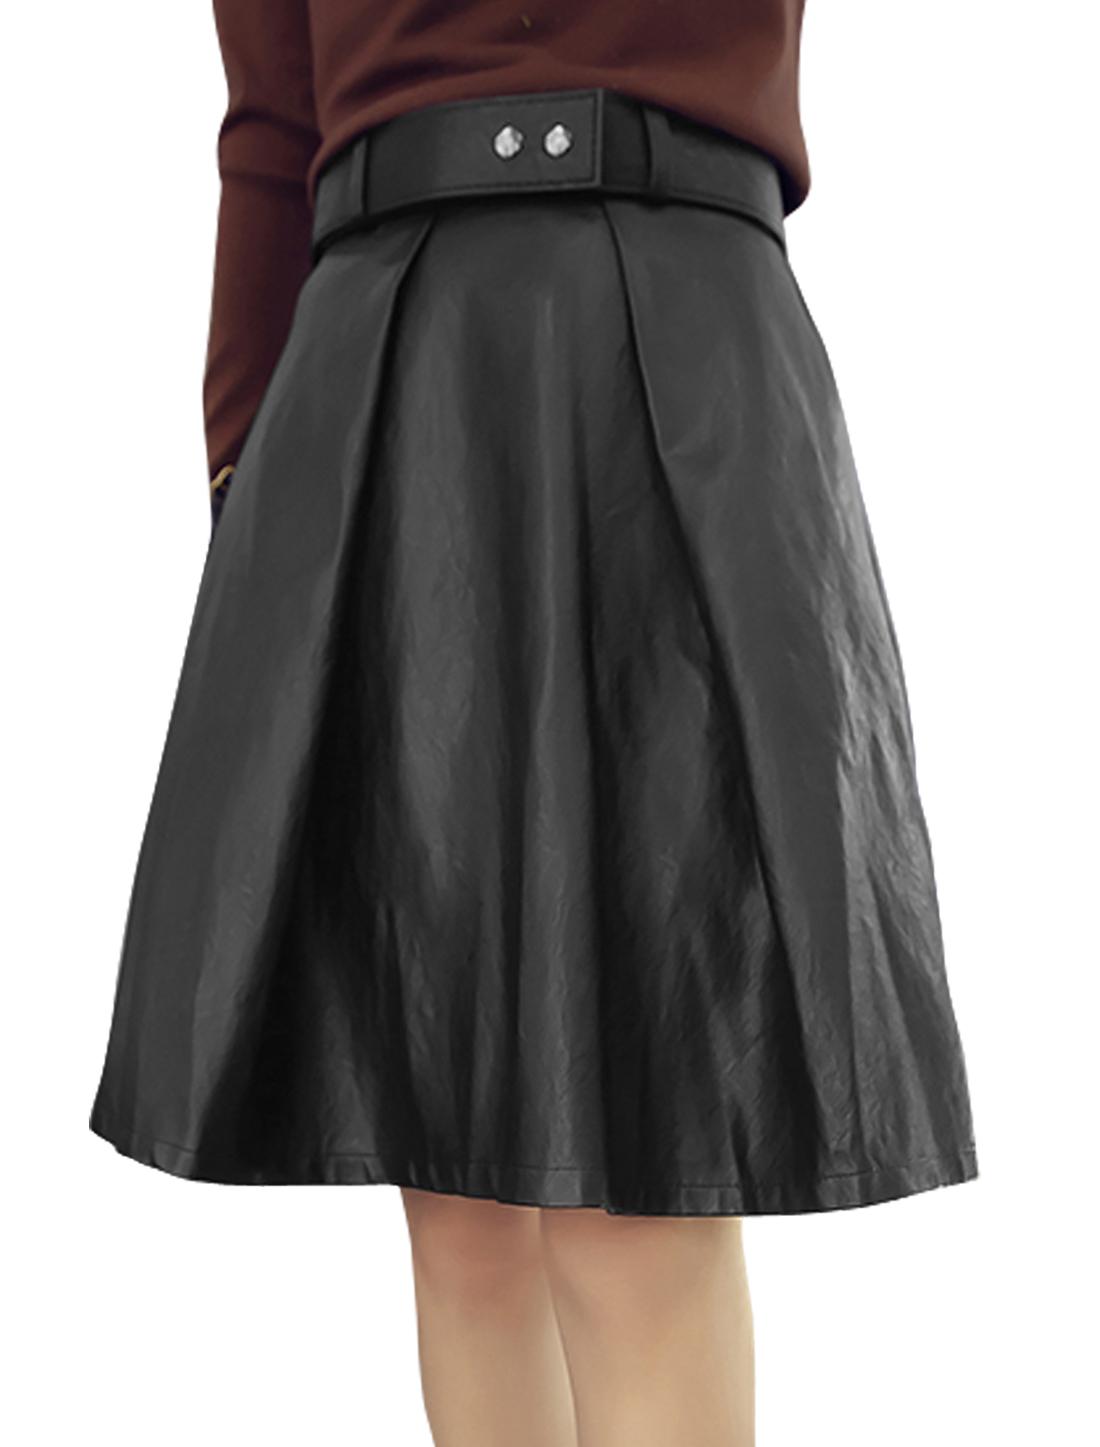 Women High Waist Unlined Casual PU A Line Skirt w Belt Black M